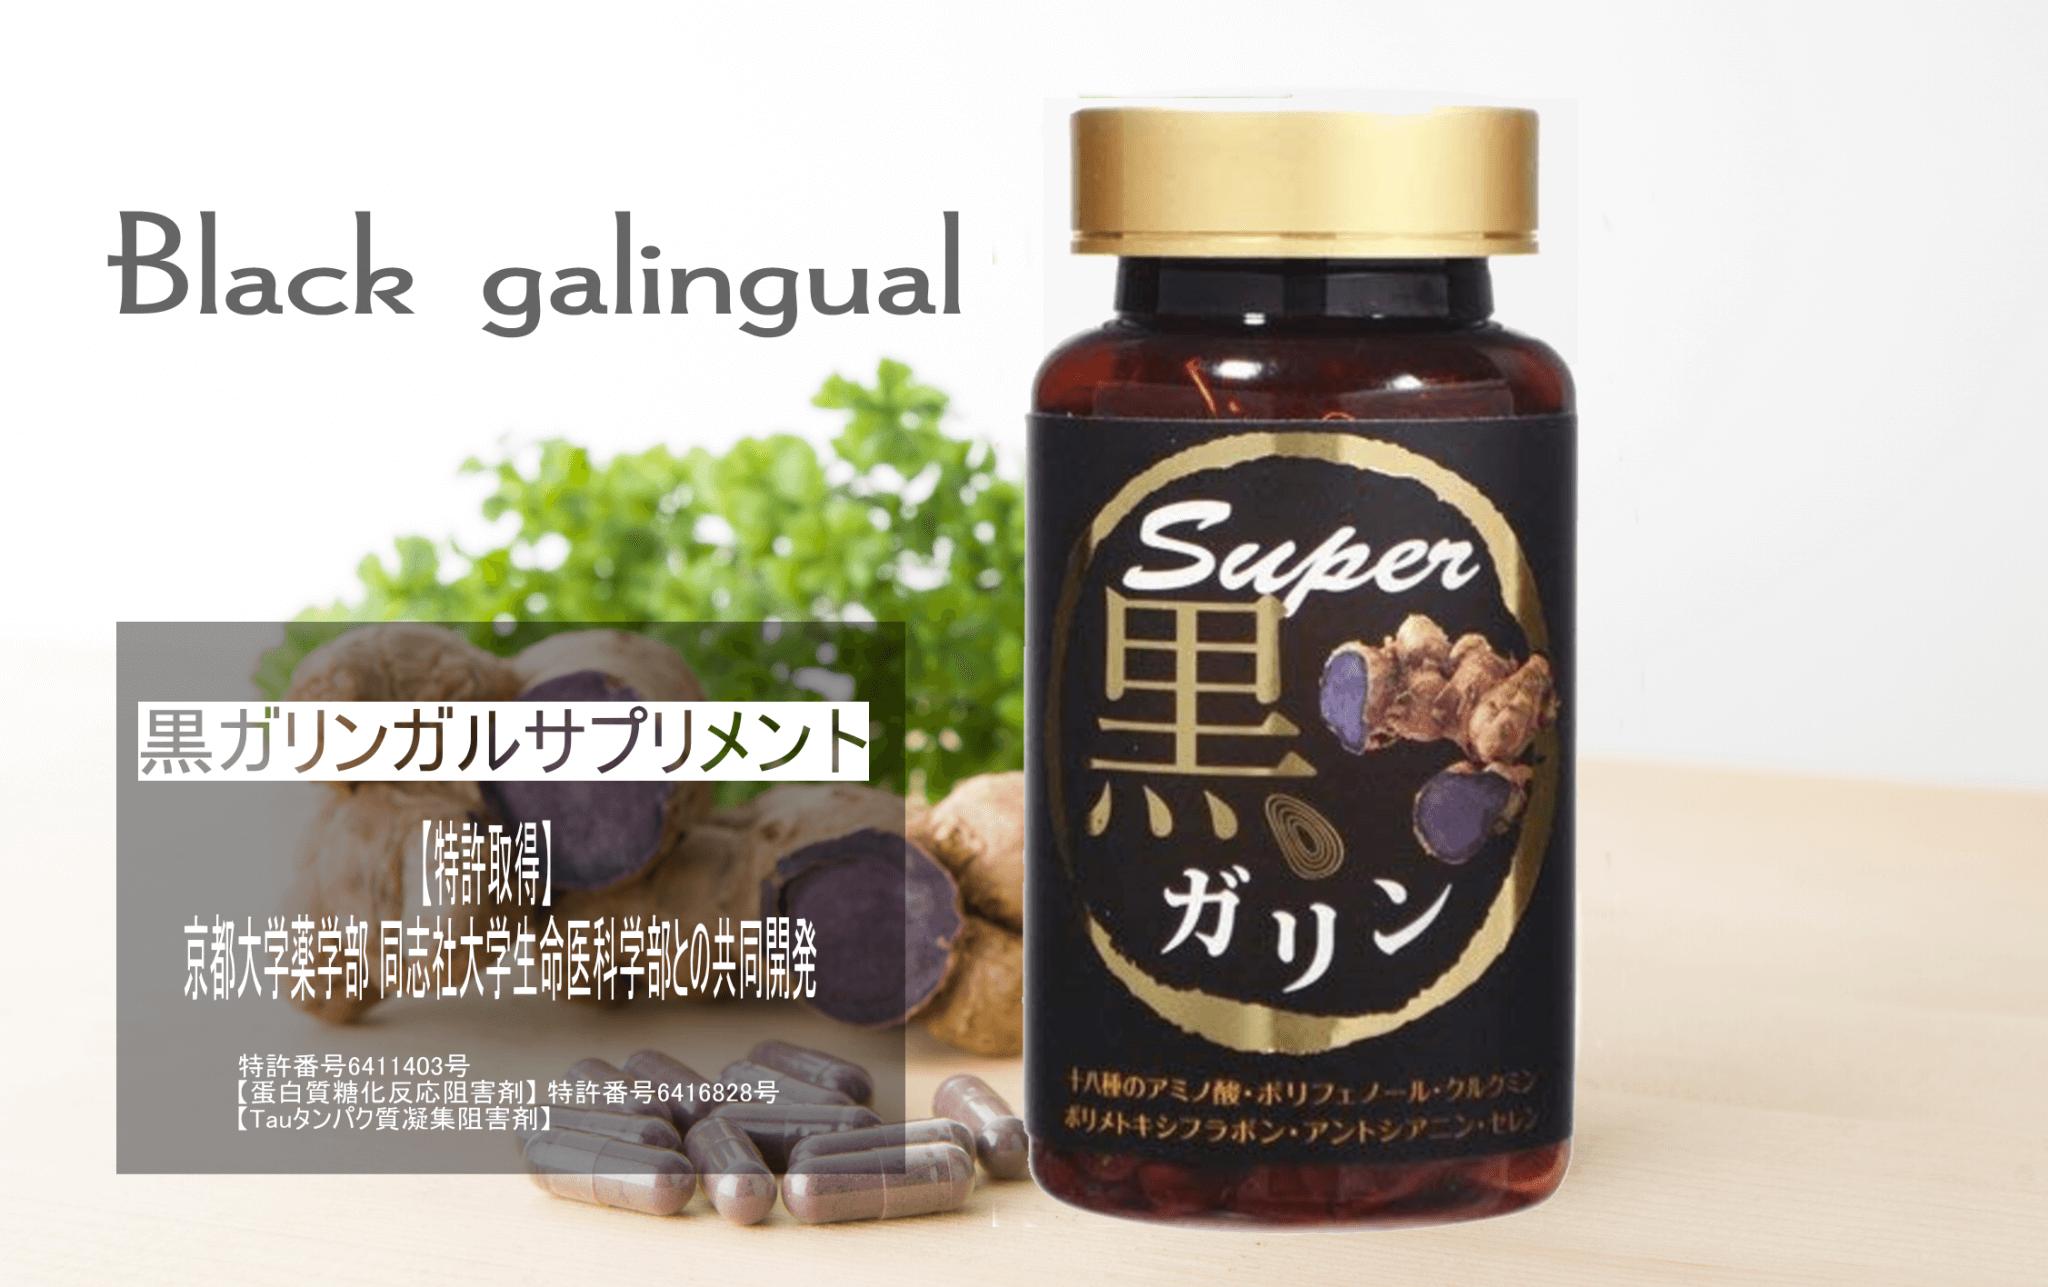 黒ガリンガルサプリメント(クロガリンダ)商品写真